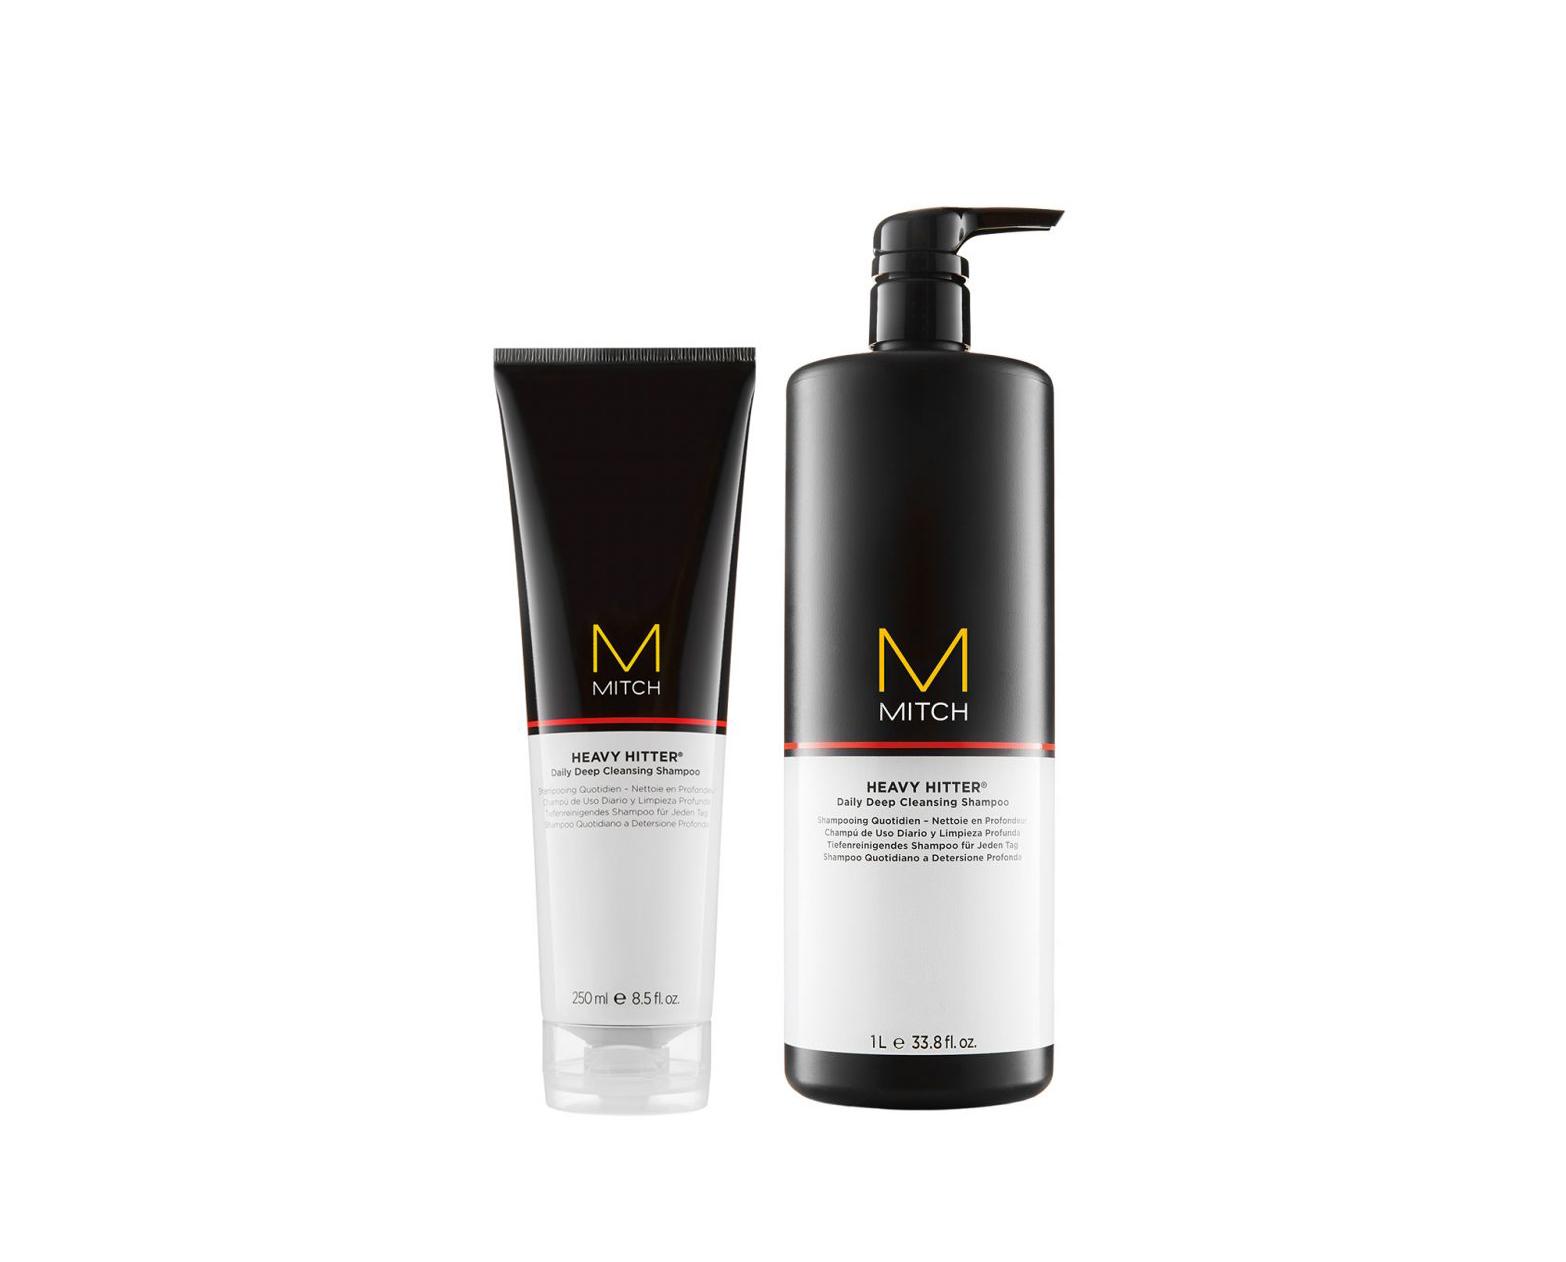 Paul Mitchell MITCH Heavy Hitter - hloubkový čistící šampon pro muže